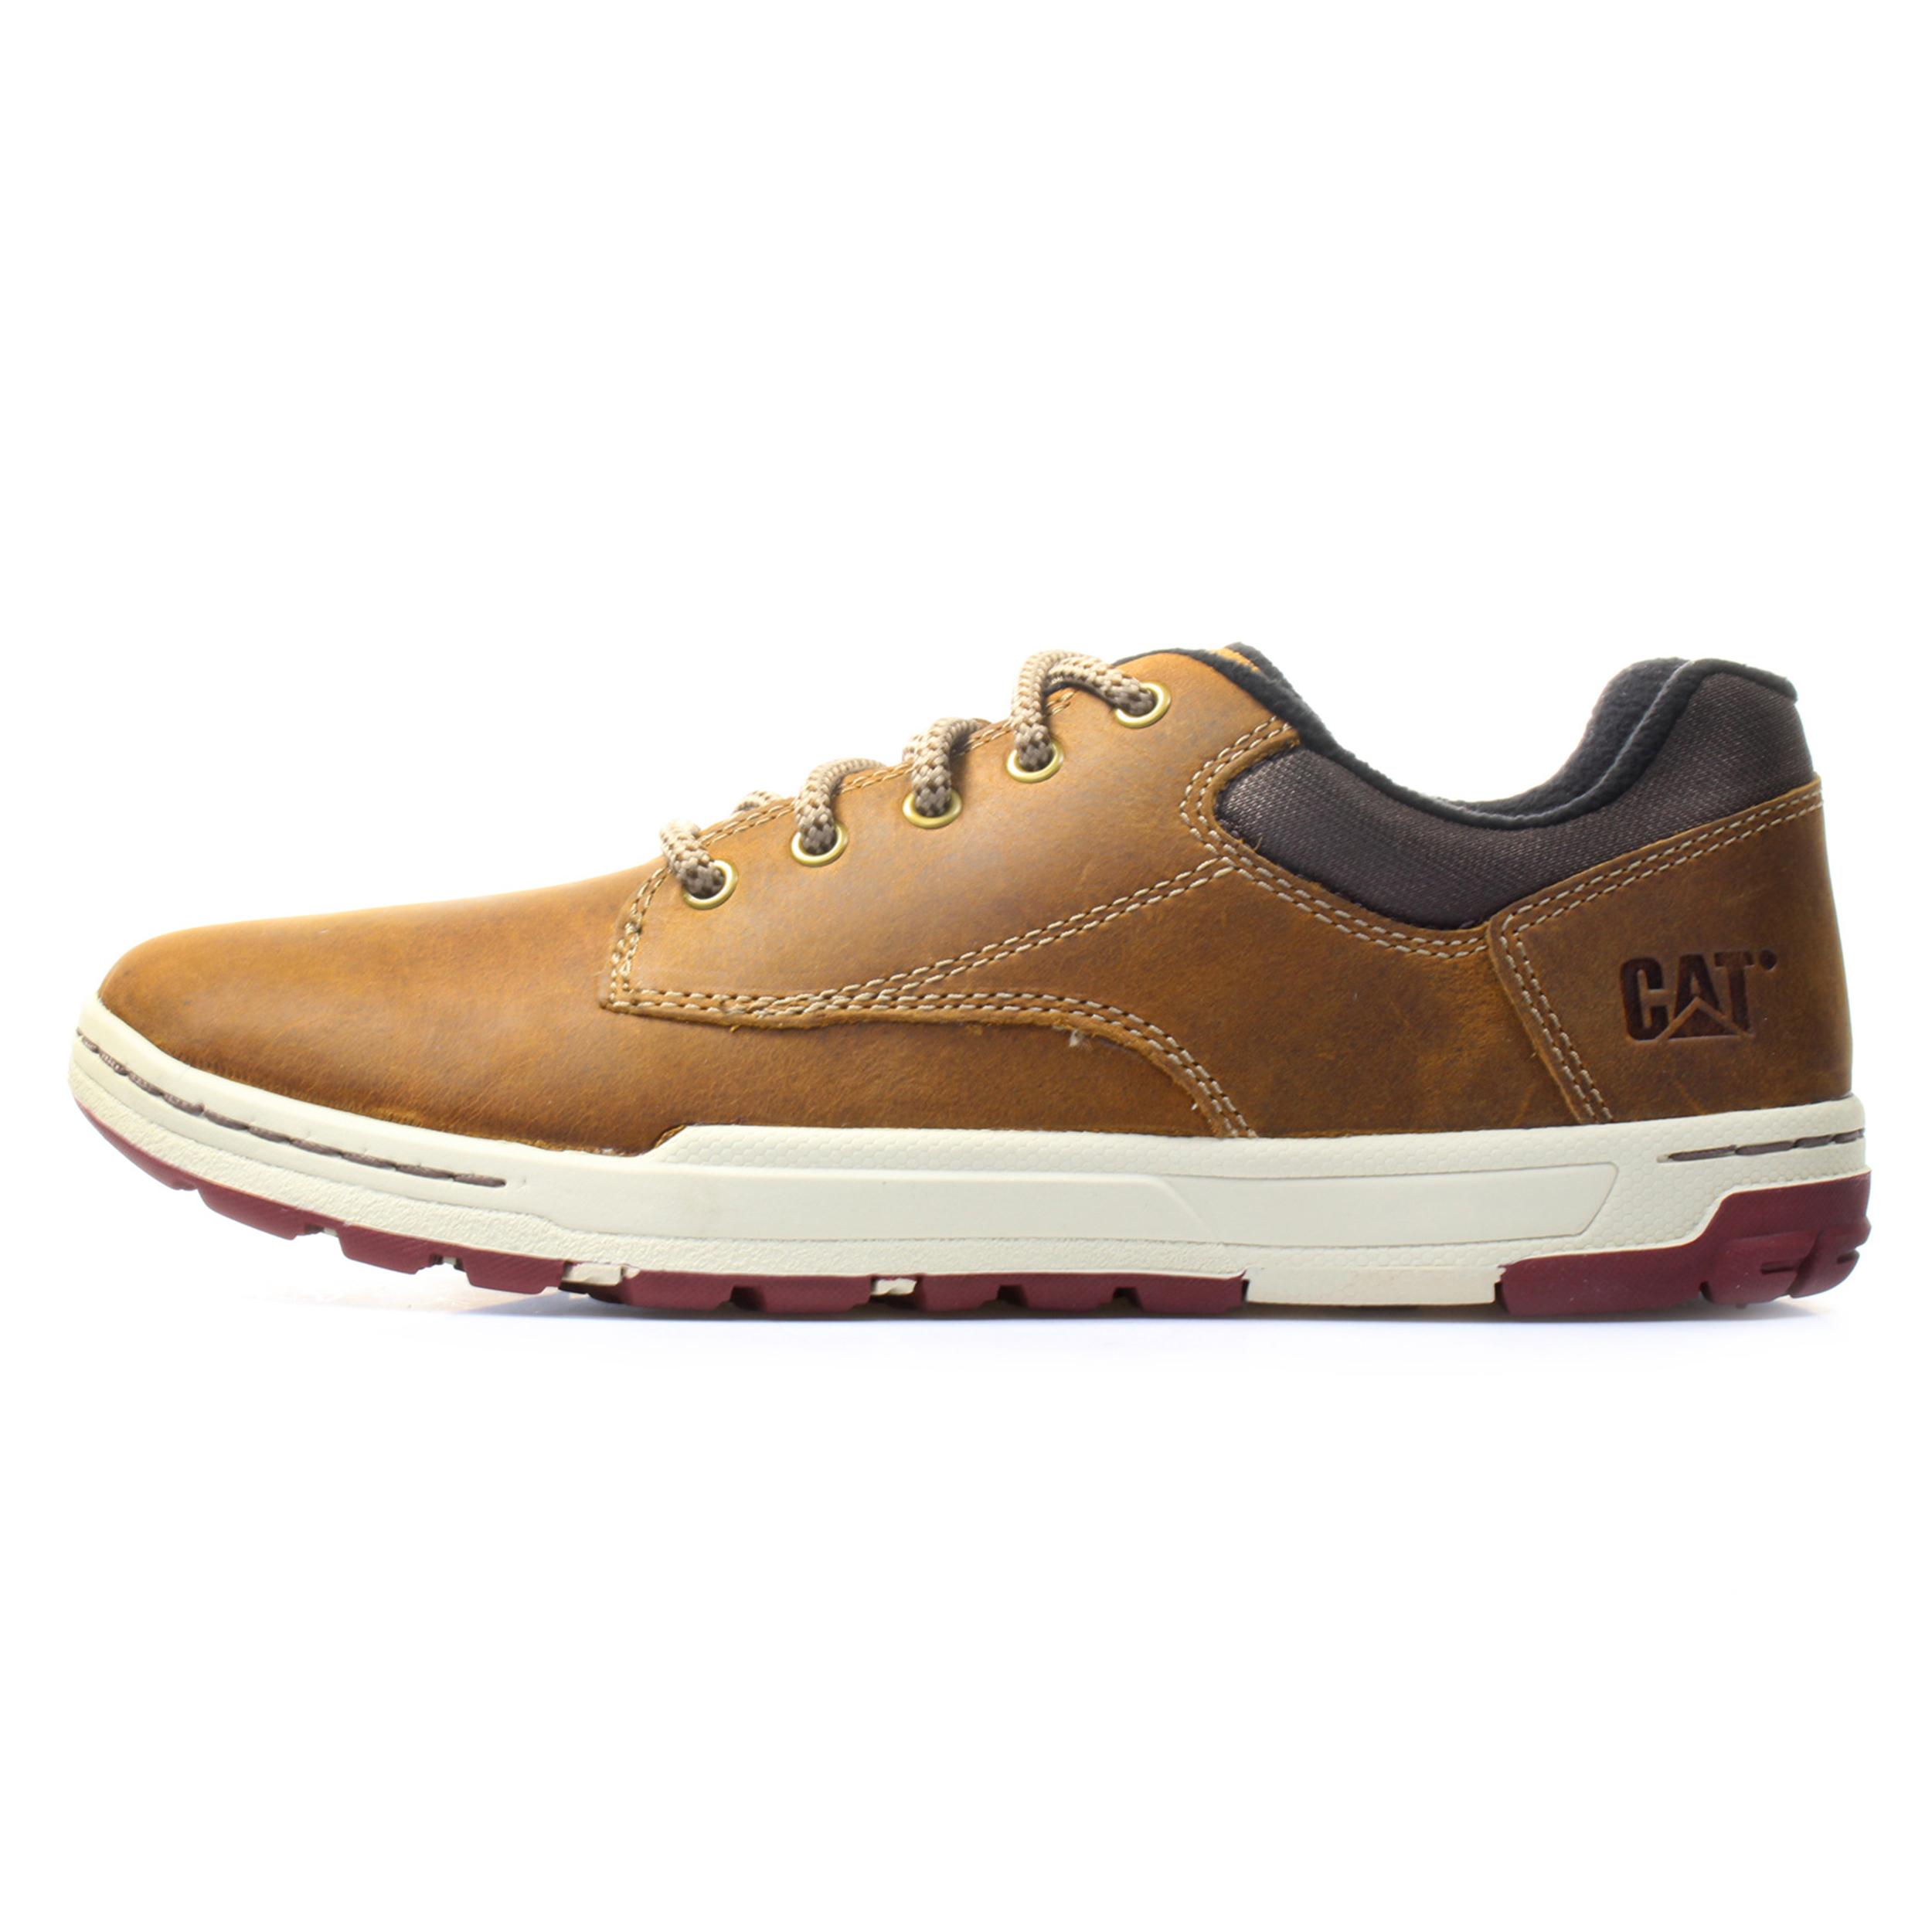 قیمت کفش مخصوص پیاده روی مردانه کاترپیلار مدل 716677